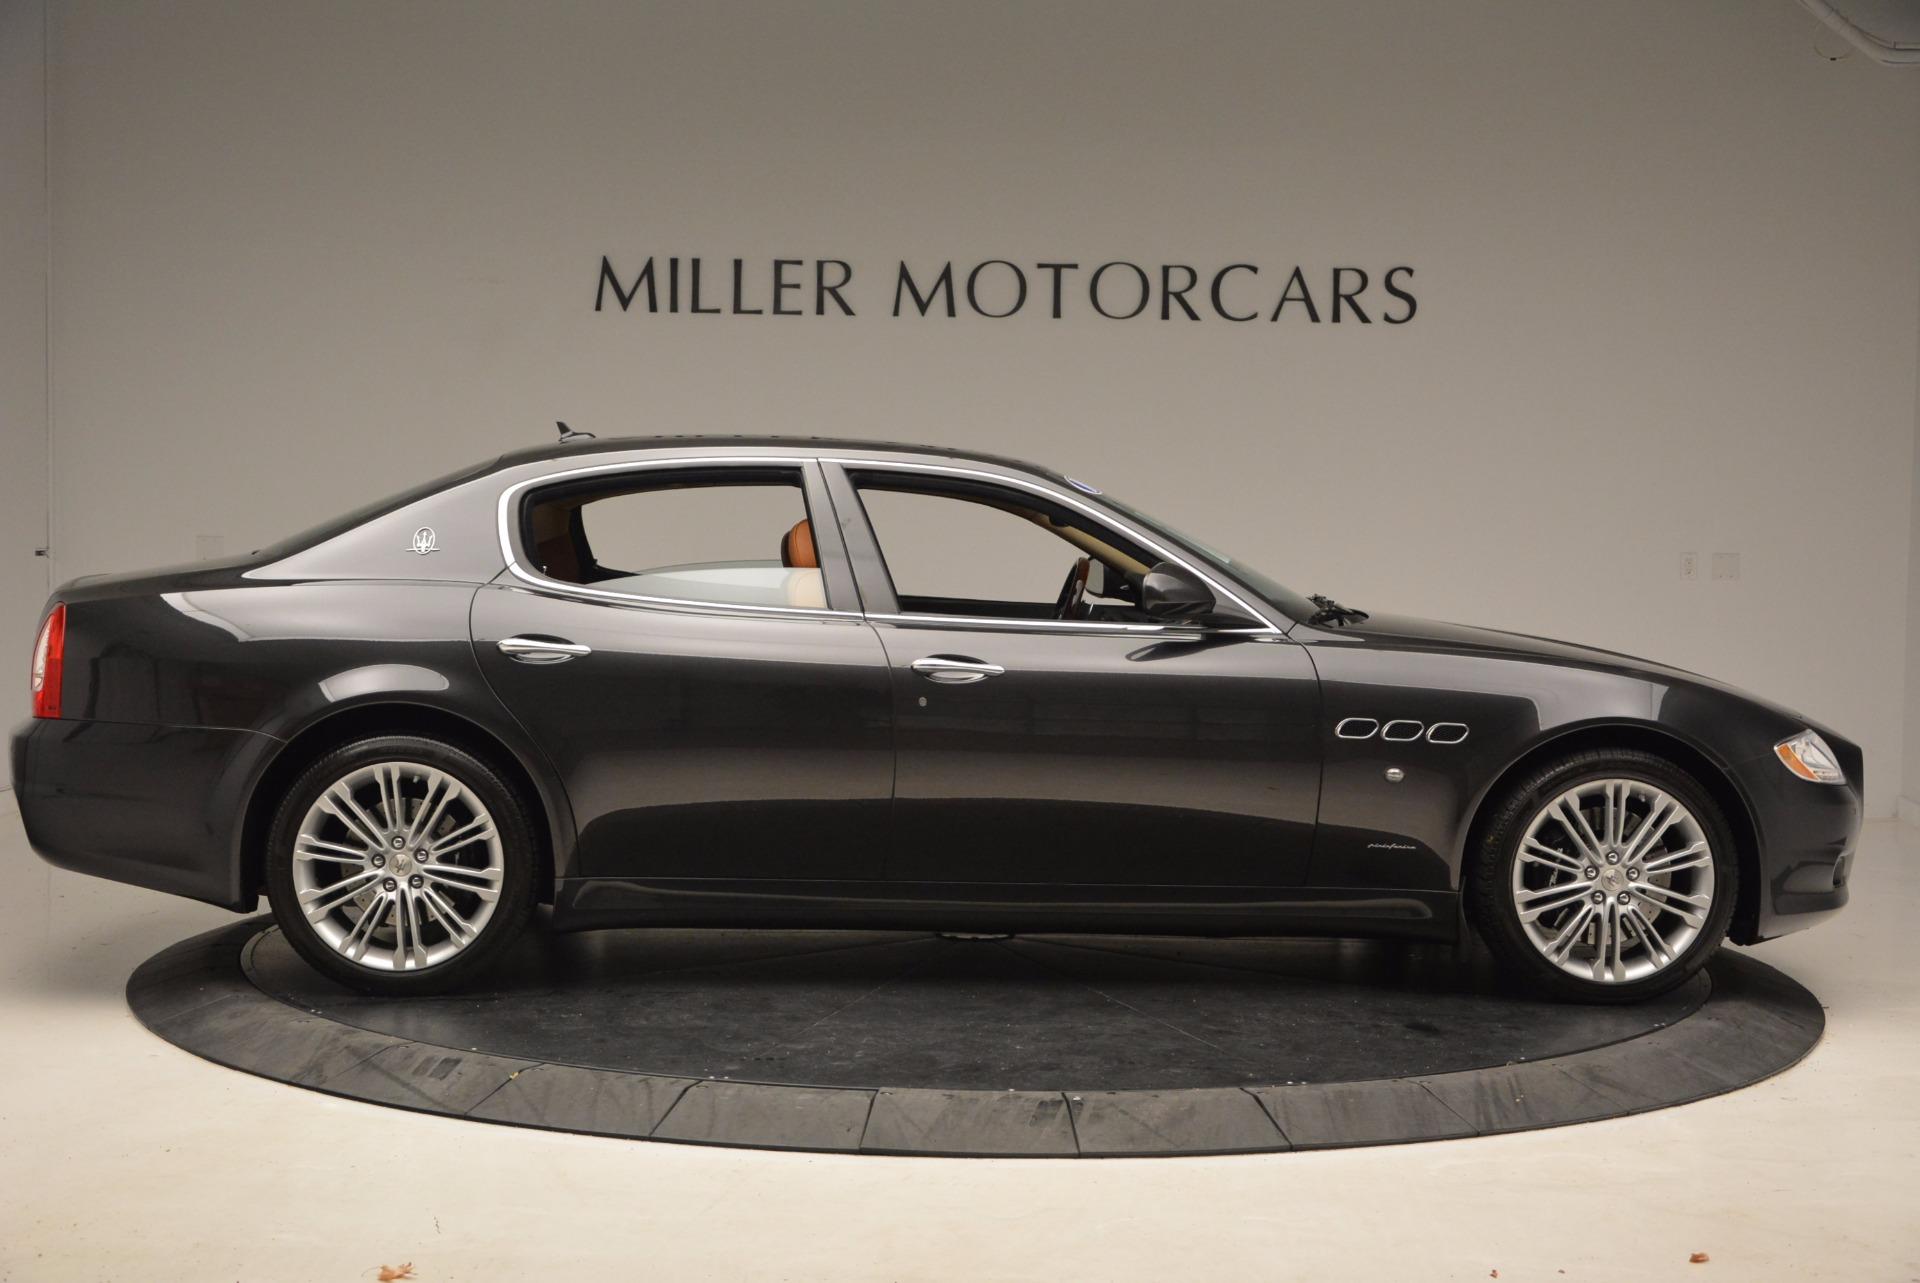 Used 2010 Maserati Quattroporte S For Sale In Greenwich, CT 1551_p21